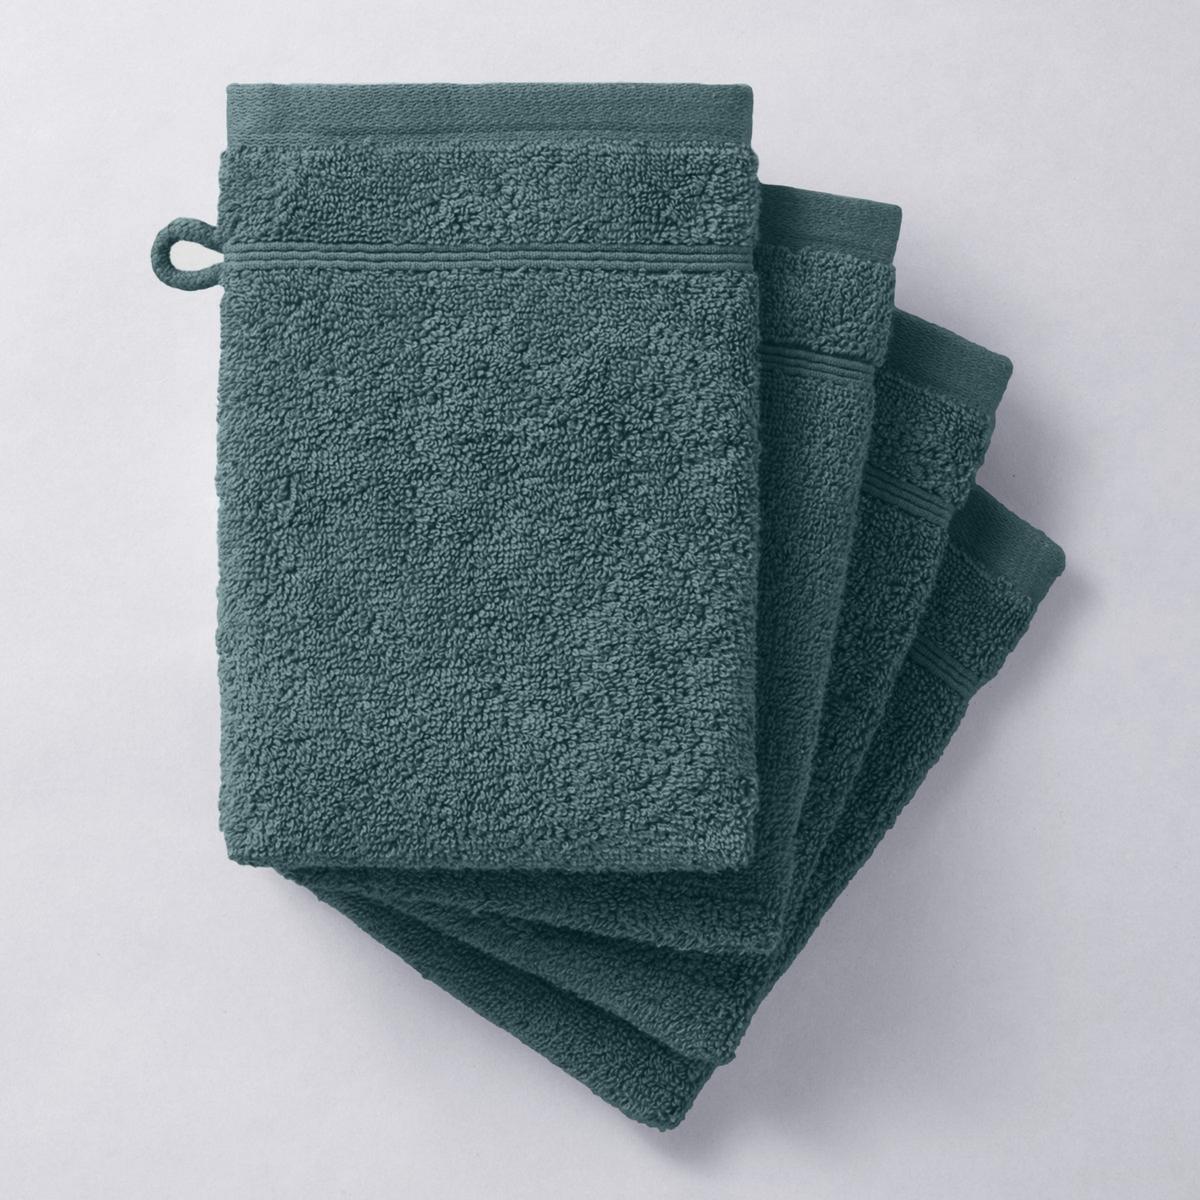 4 банные рукавички, 600 г/м?. Качество BestМахровые банные рукавички отлично впитывают влагу.Описание банной рукавички :Качество BEST.Махровая ткань 100 % хлопка .Машинная стирка при 60°.  Размер рукавички :15 x 21 см.<br><br>Цвет: зеленый мох,светло-синий<br>Размер: 15 x 21  см.15 x 21  см